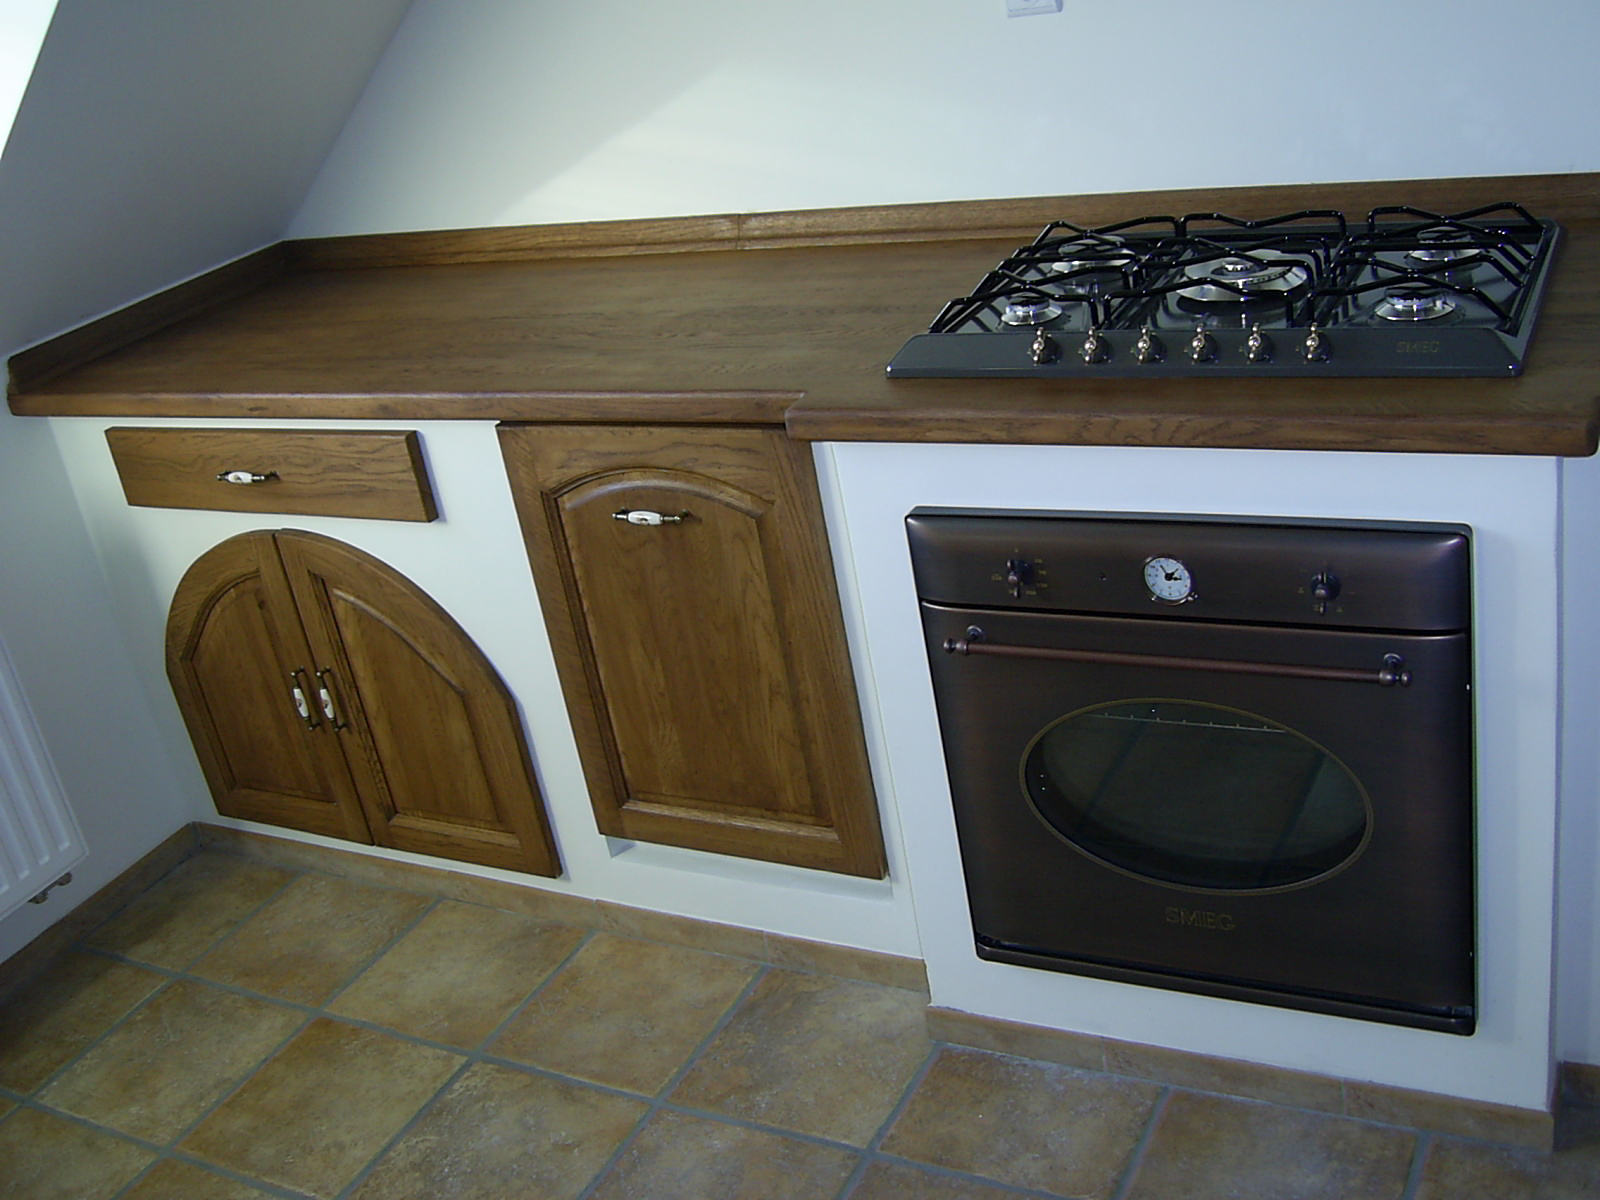 Rustykalna kuchnia, murki w kuchni, drewniane fronty mebli kuchennych, wiejska kuchnia